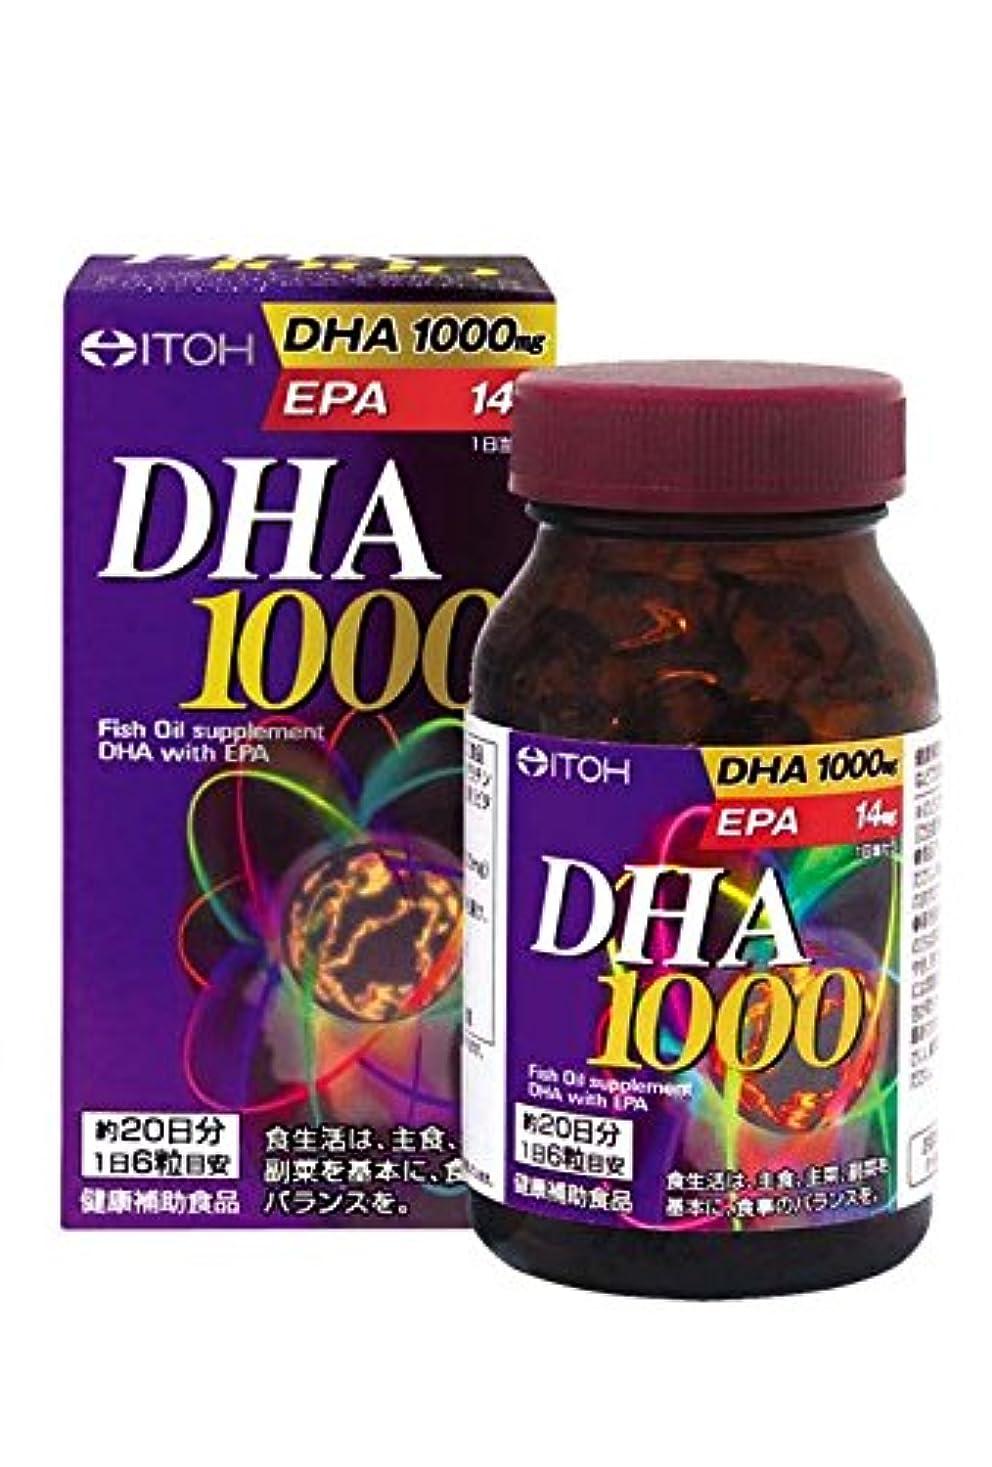 影響するアルファベット順難破船井藤漢方製薬 DHA1000 約20日分 300mg×120粒×40本/ケース